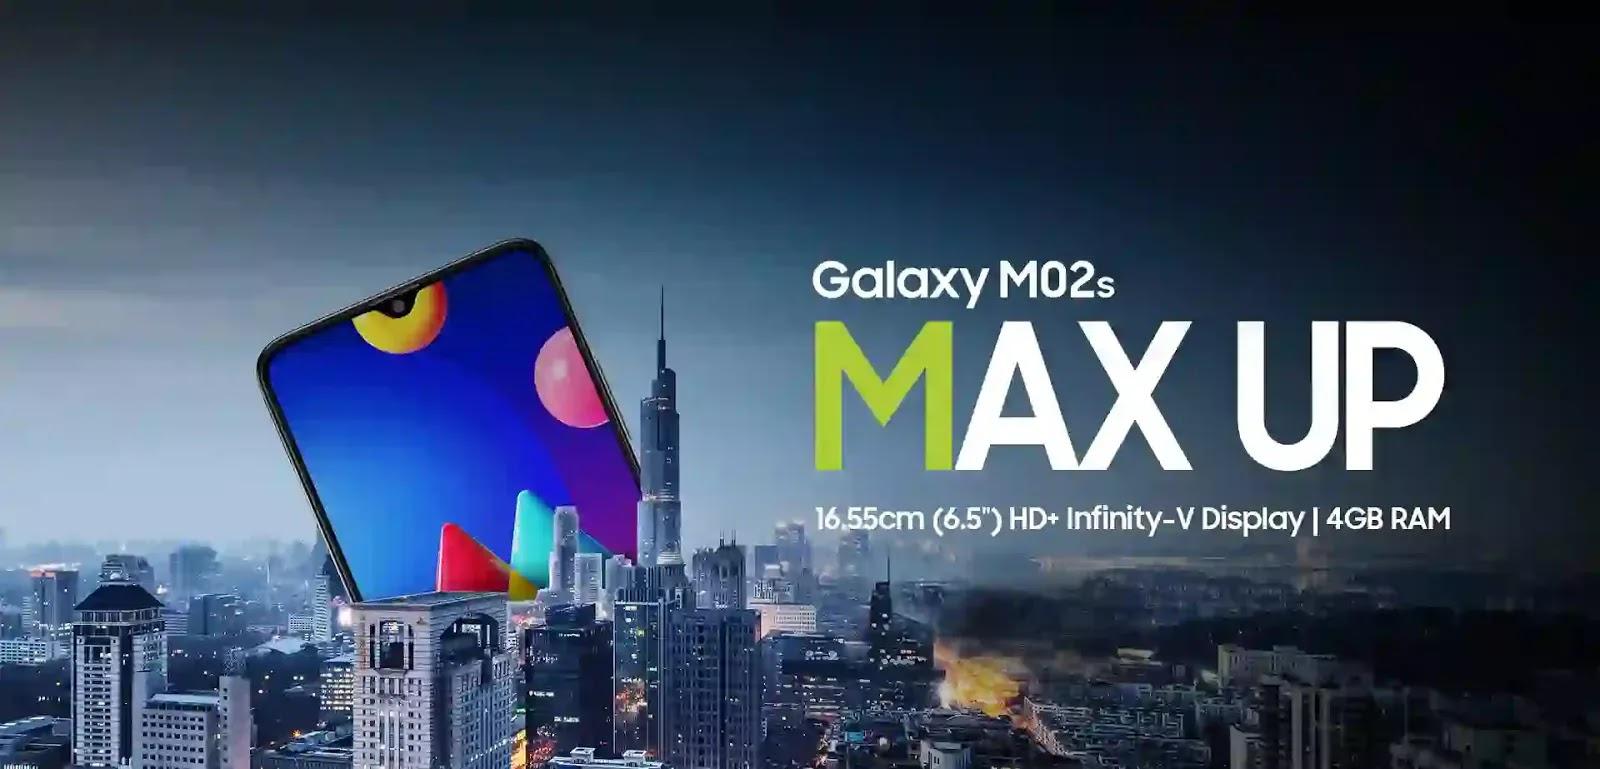 يبدأ بيع Samsung Galaxy M02s اعتبارًا من 19 يناير: السعر والمواصفات والميزات